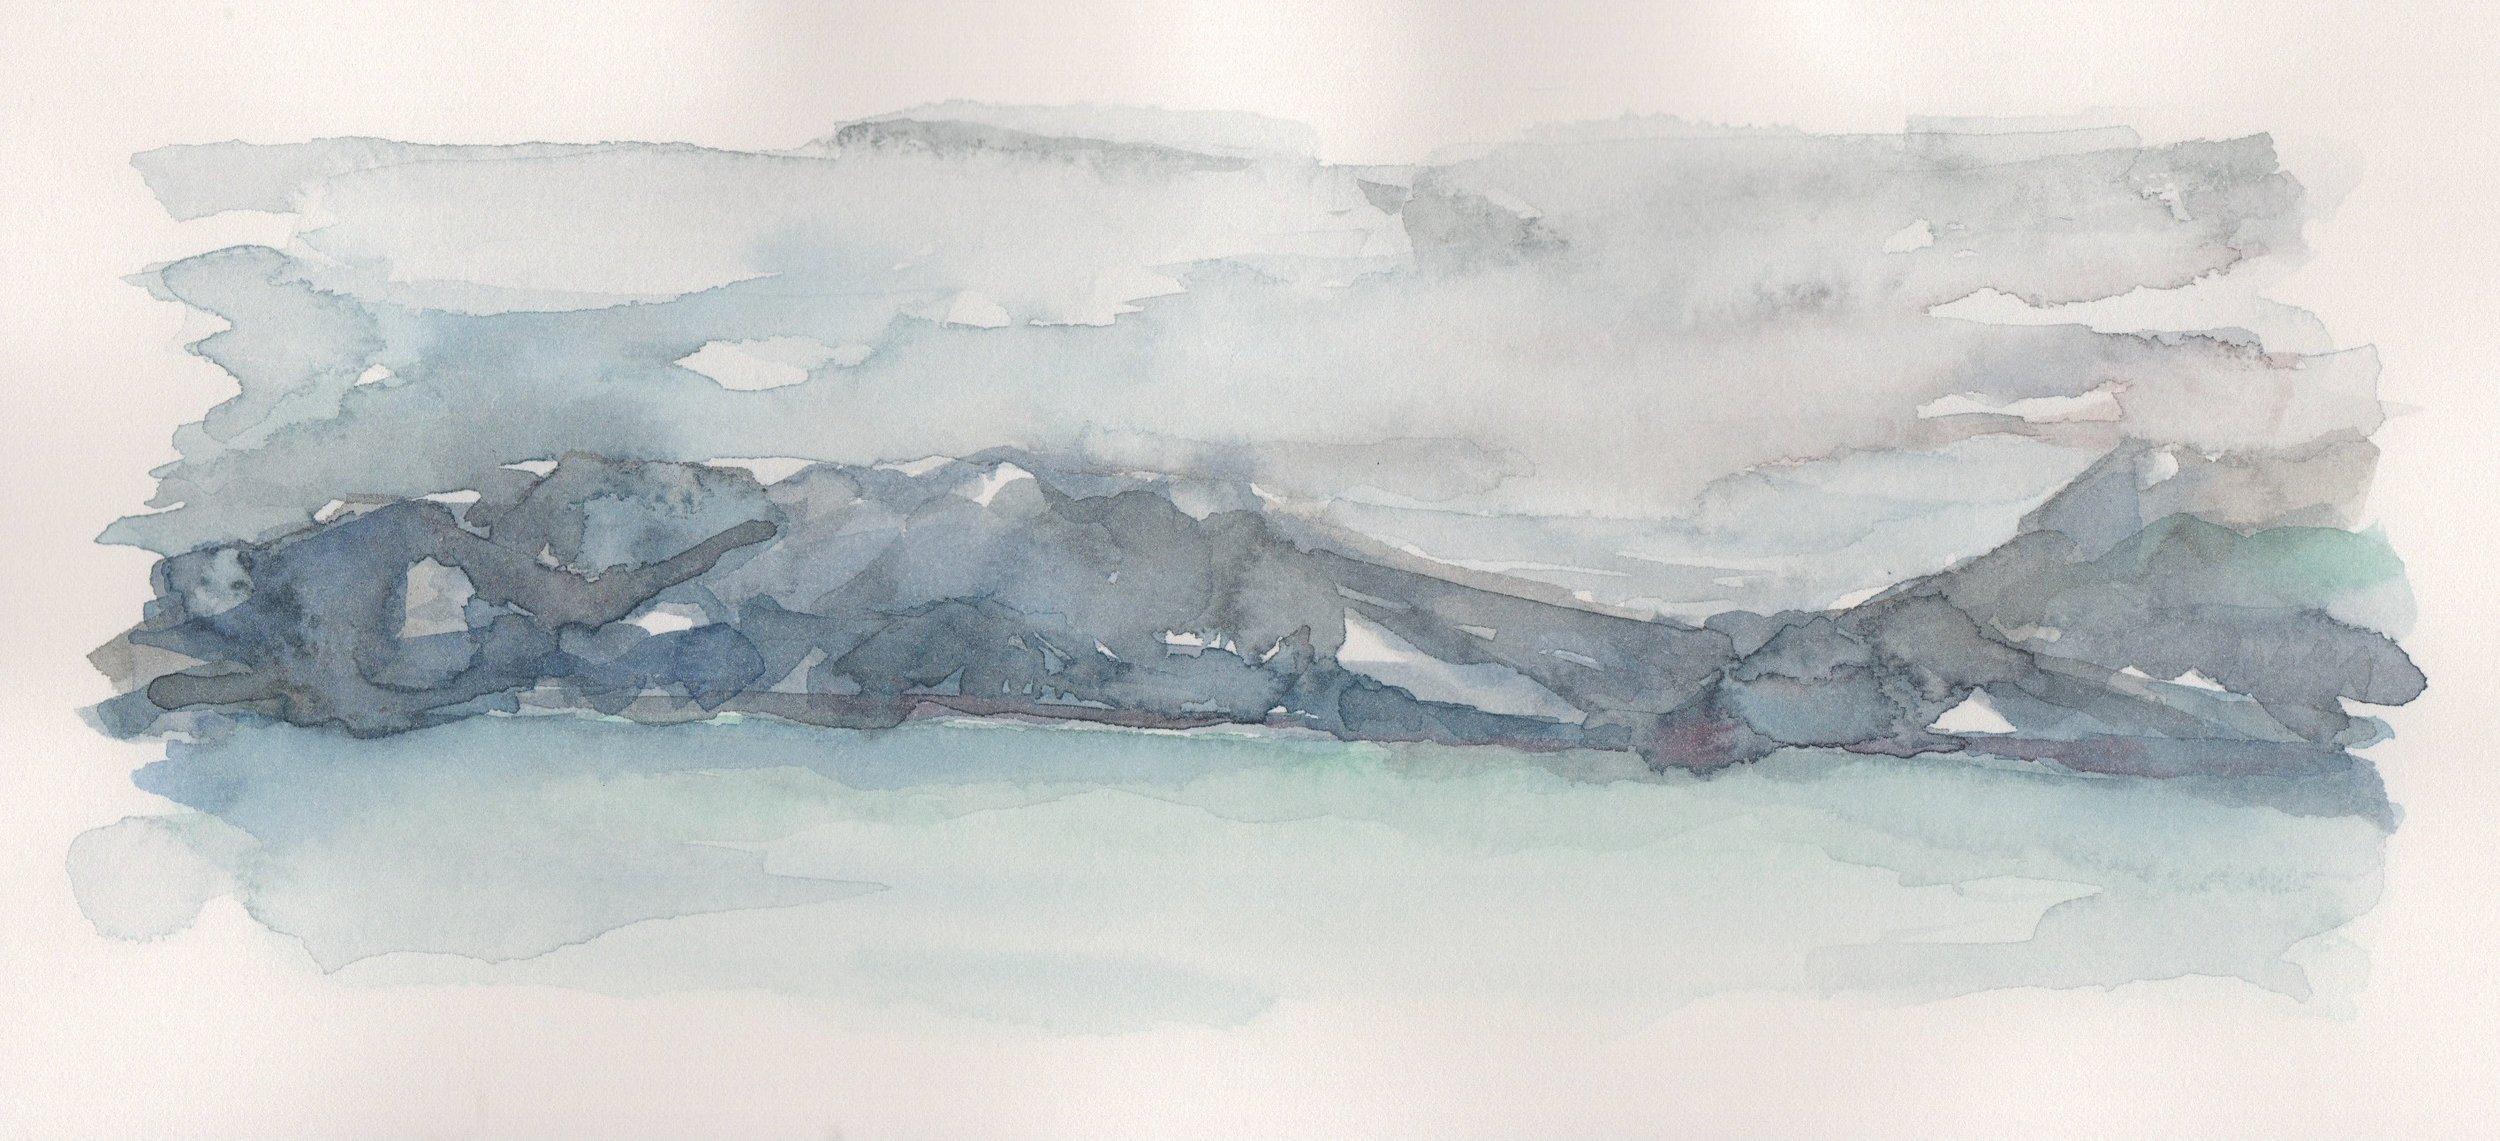 AlaskaWatercolor42.jpeg